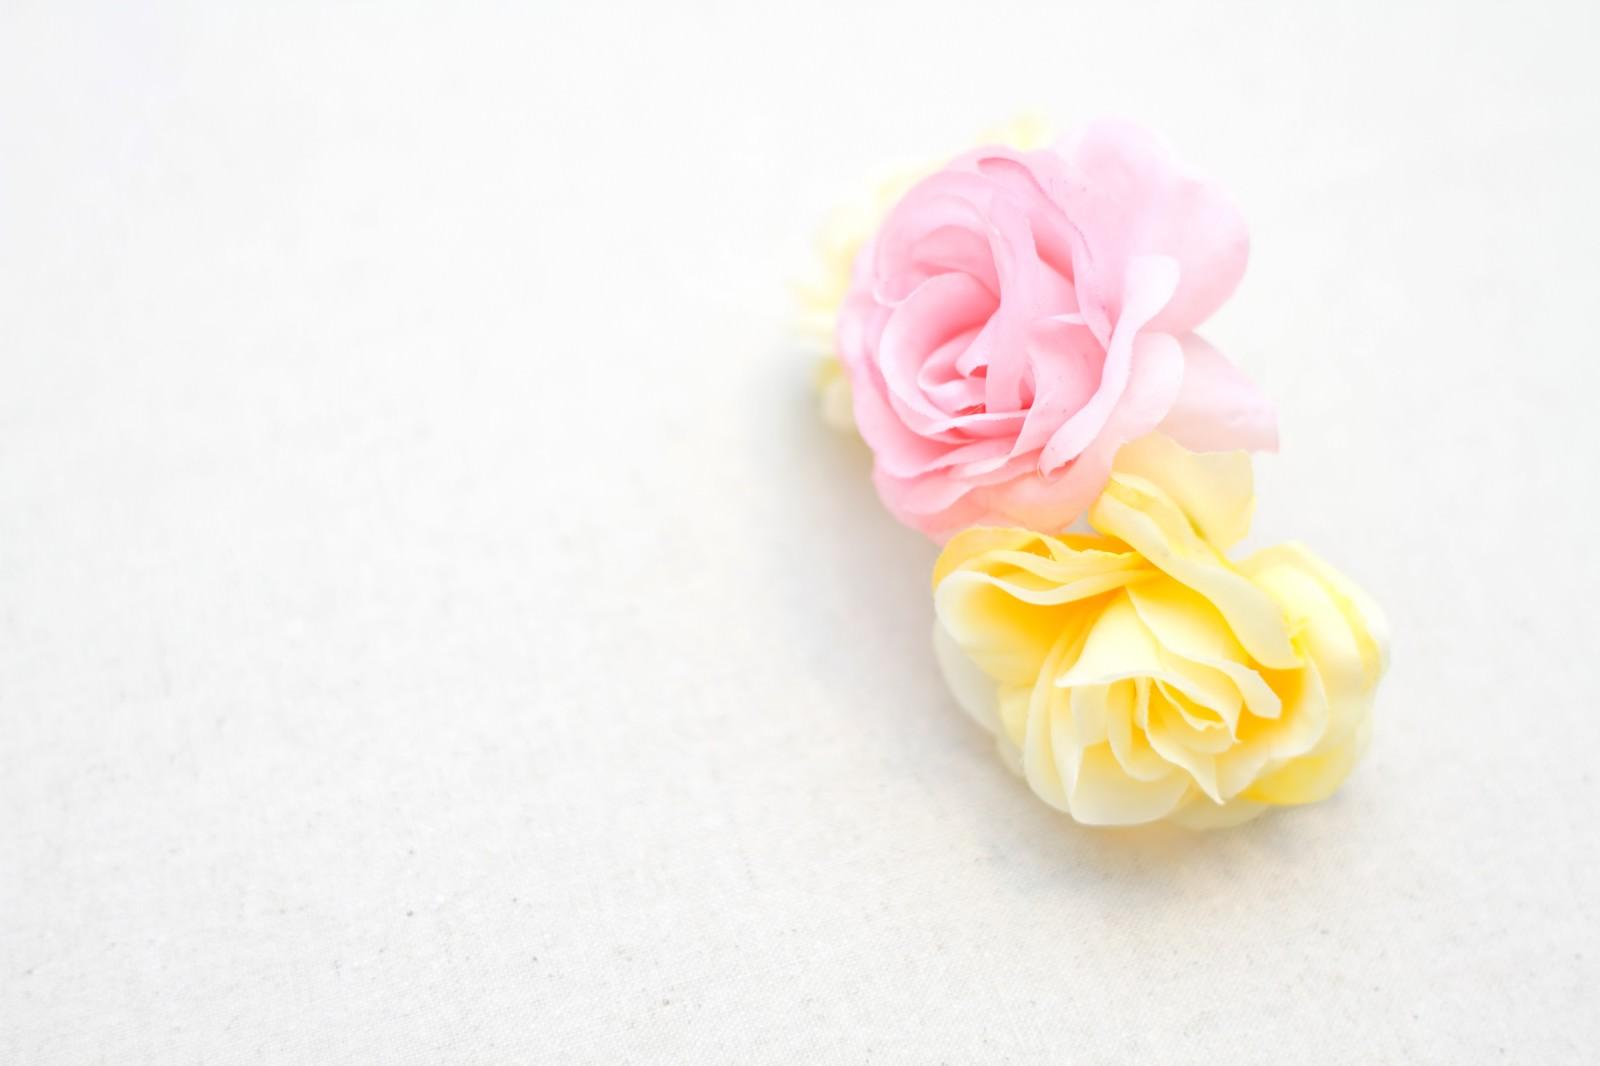 「2色の造花」の写真